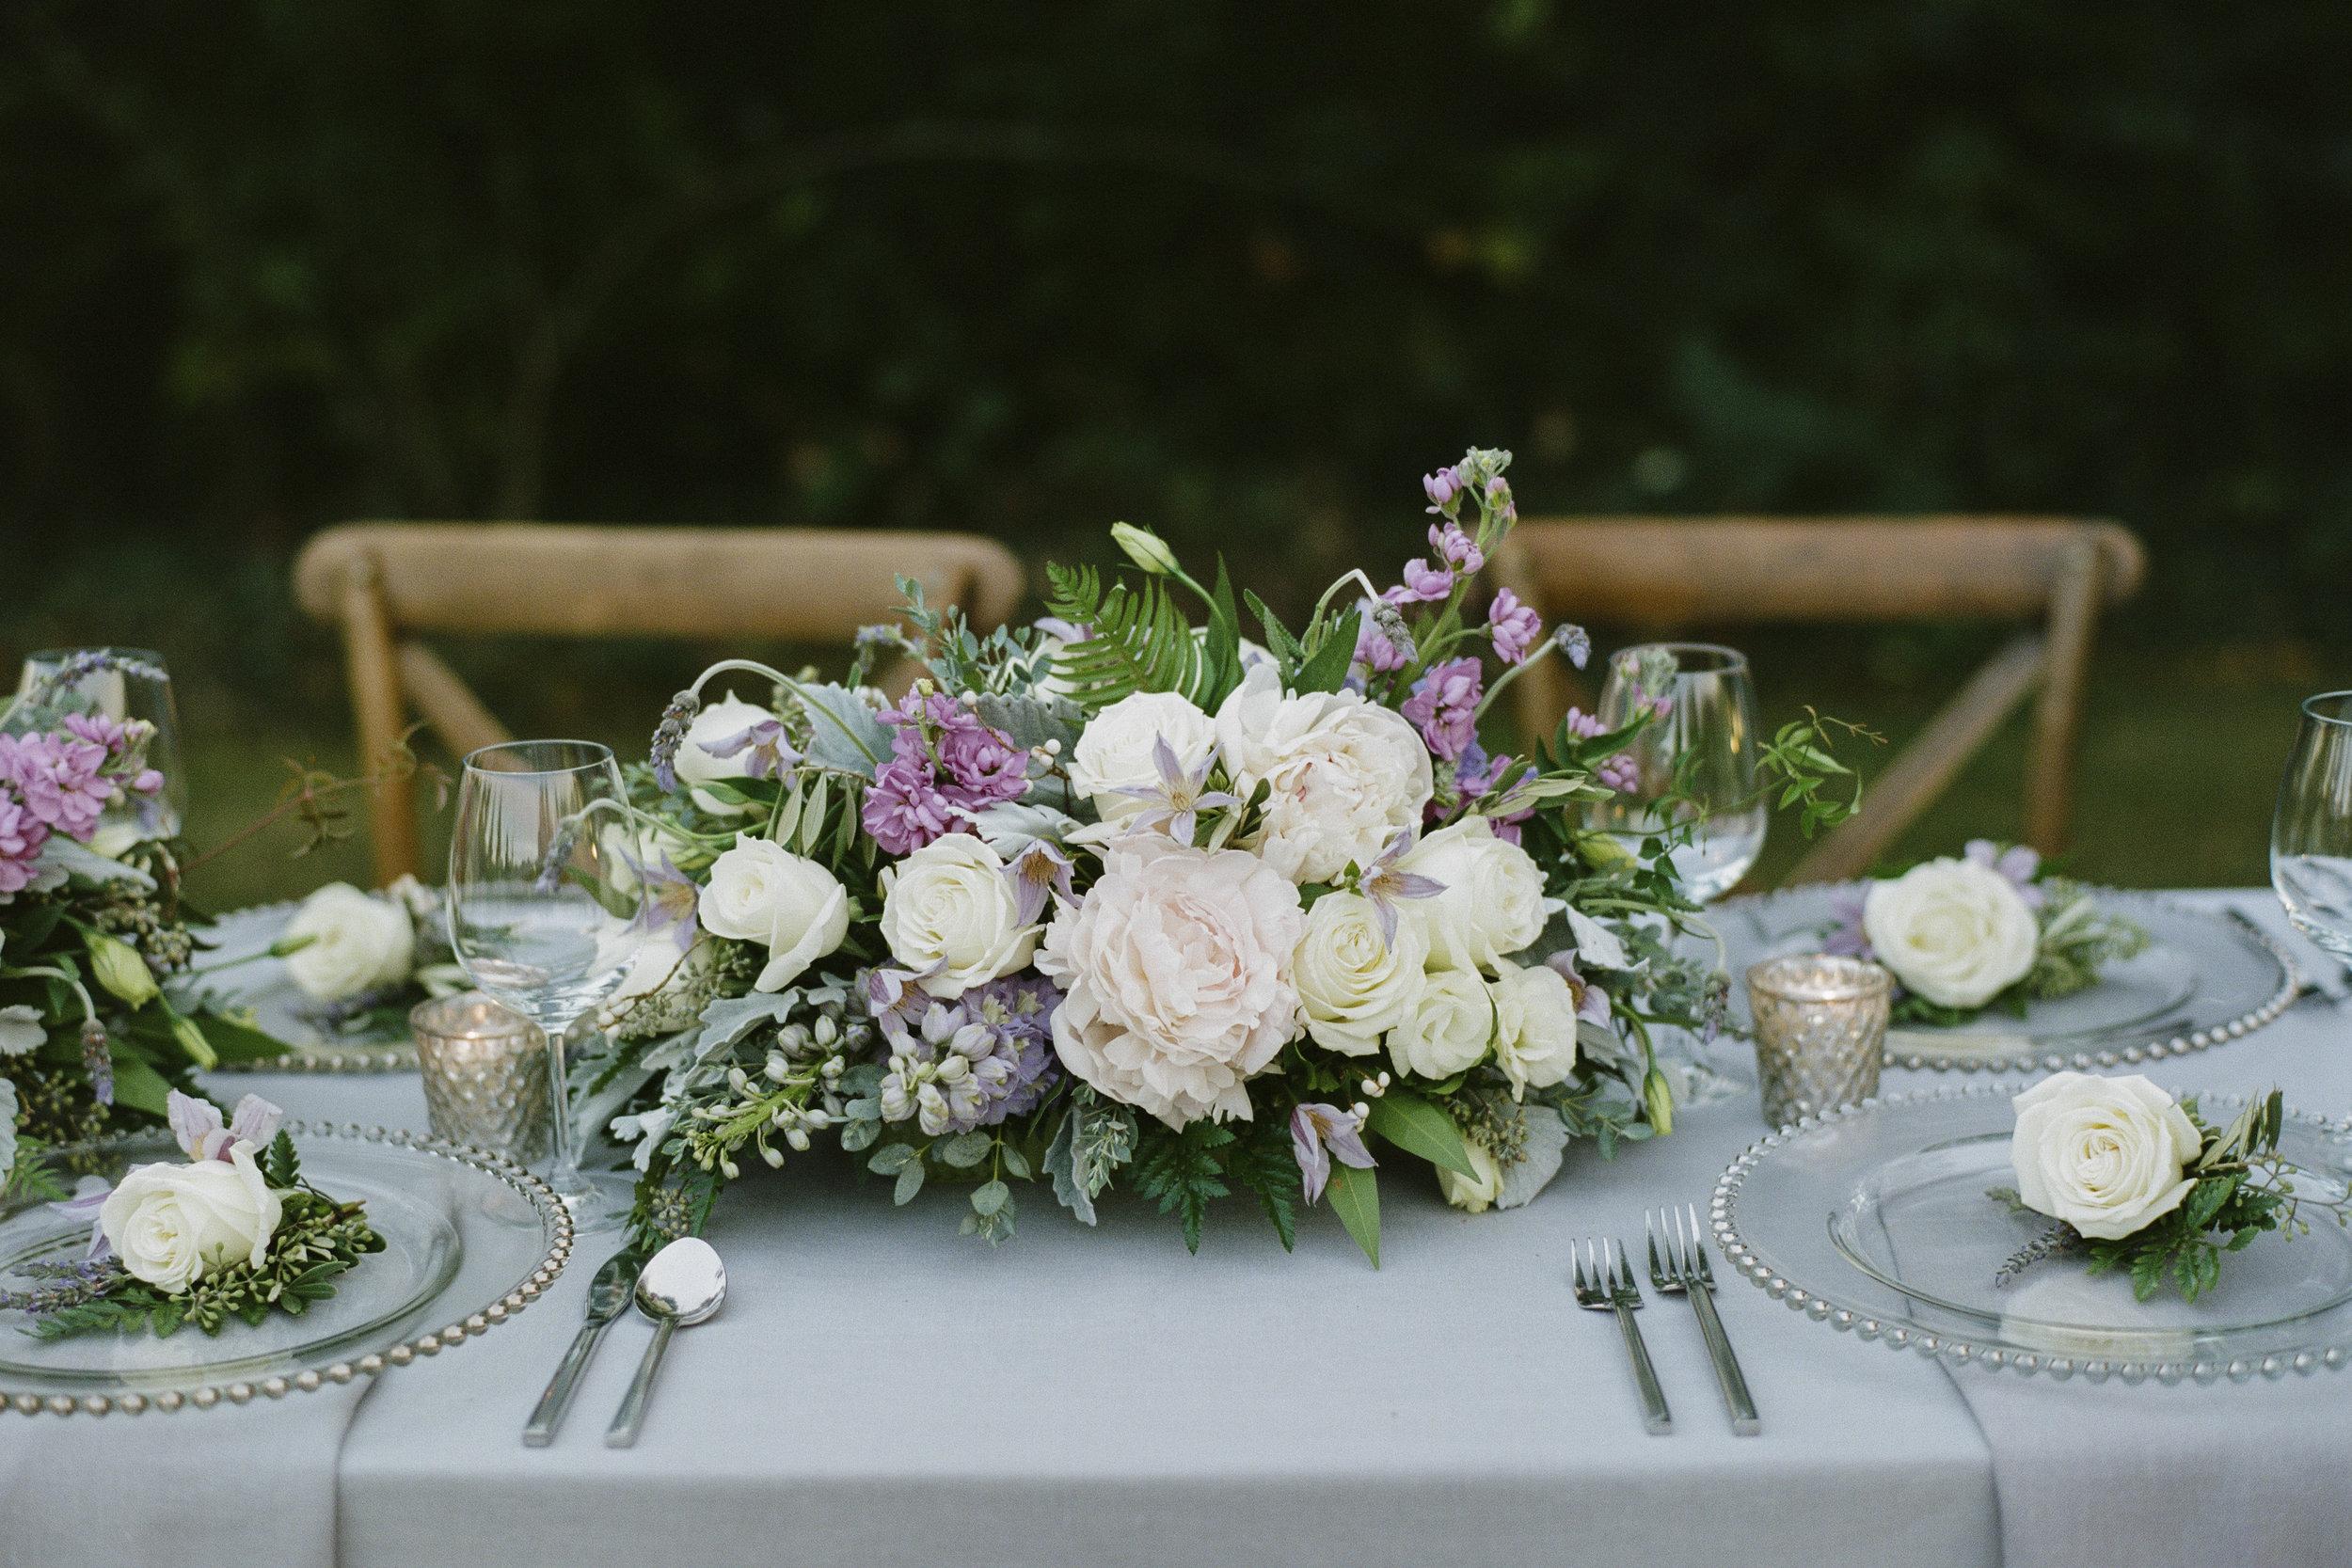 Violette-fleurs-roseville-sacramento-california-Flower-farm-inn-wedding-florist-spring-tablescape-blush-purples-pinks-elegant-upscale-table-design.jpg